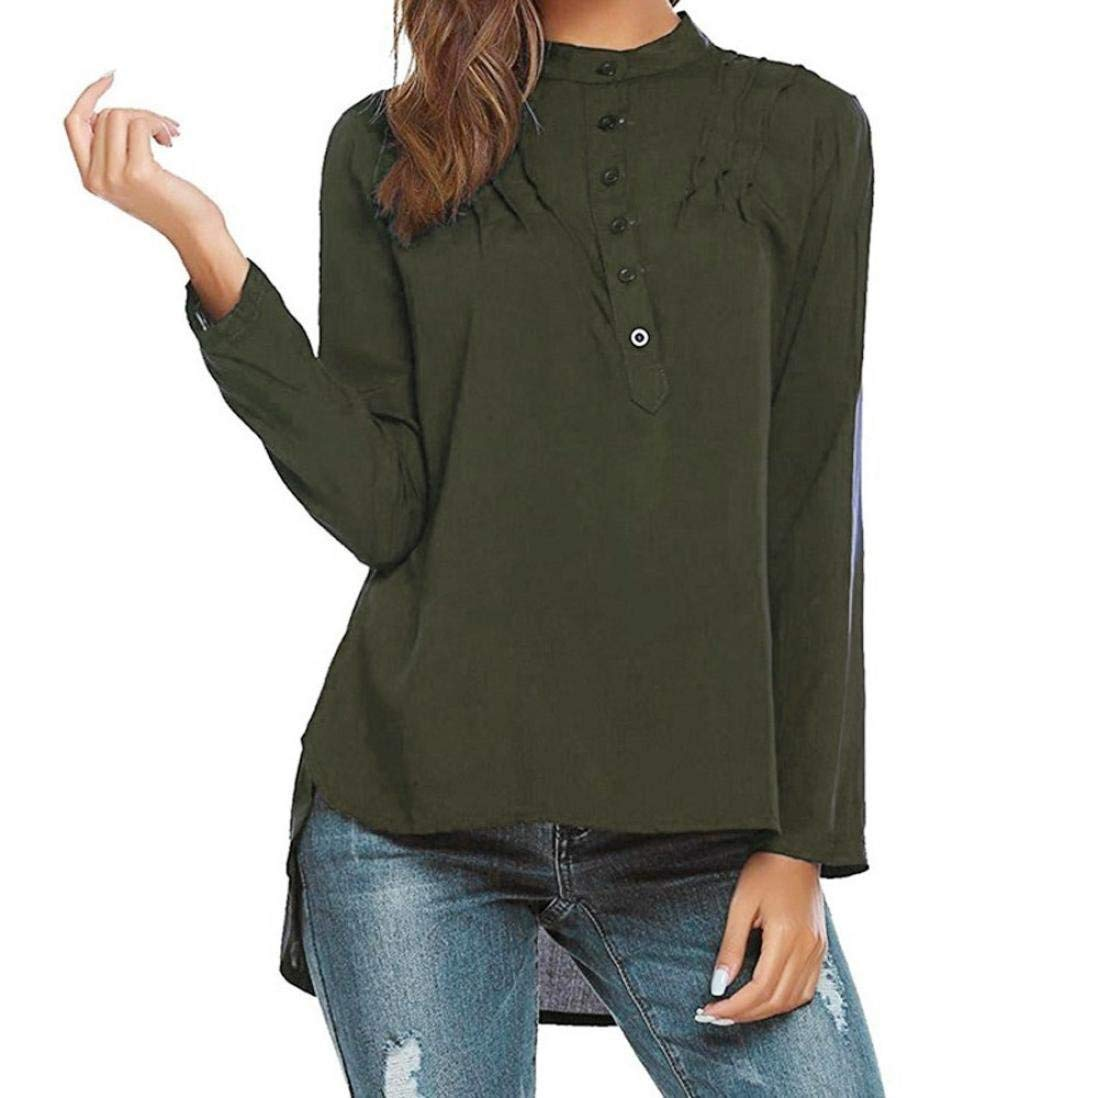 BRZM Fashion Hoodies Klassische Warm Sweatshirts Heiße Frauen-Bluse, Knopf-V-Hals-Damen-unregelmäßiges Hemd-Lange Hülsen-beiläufige Oberteile (Farbe : Green, Größe : XX-Large)